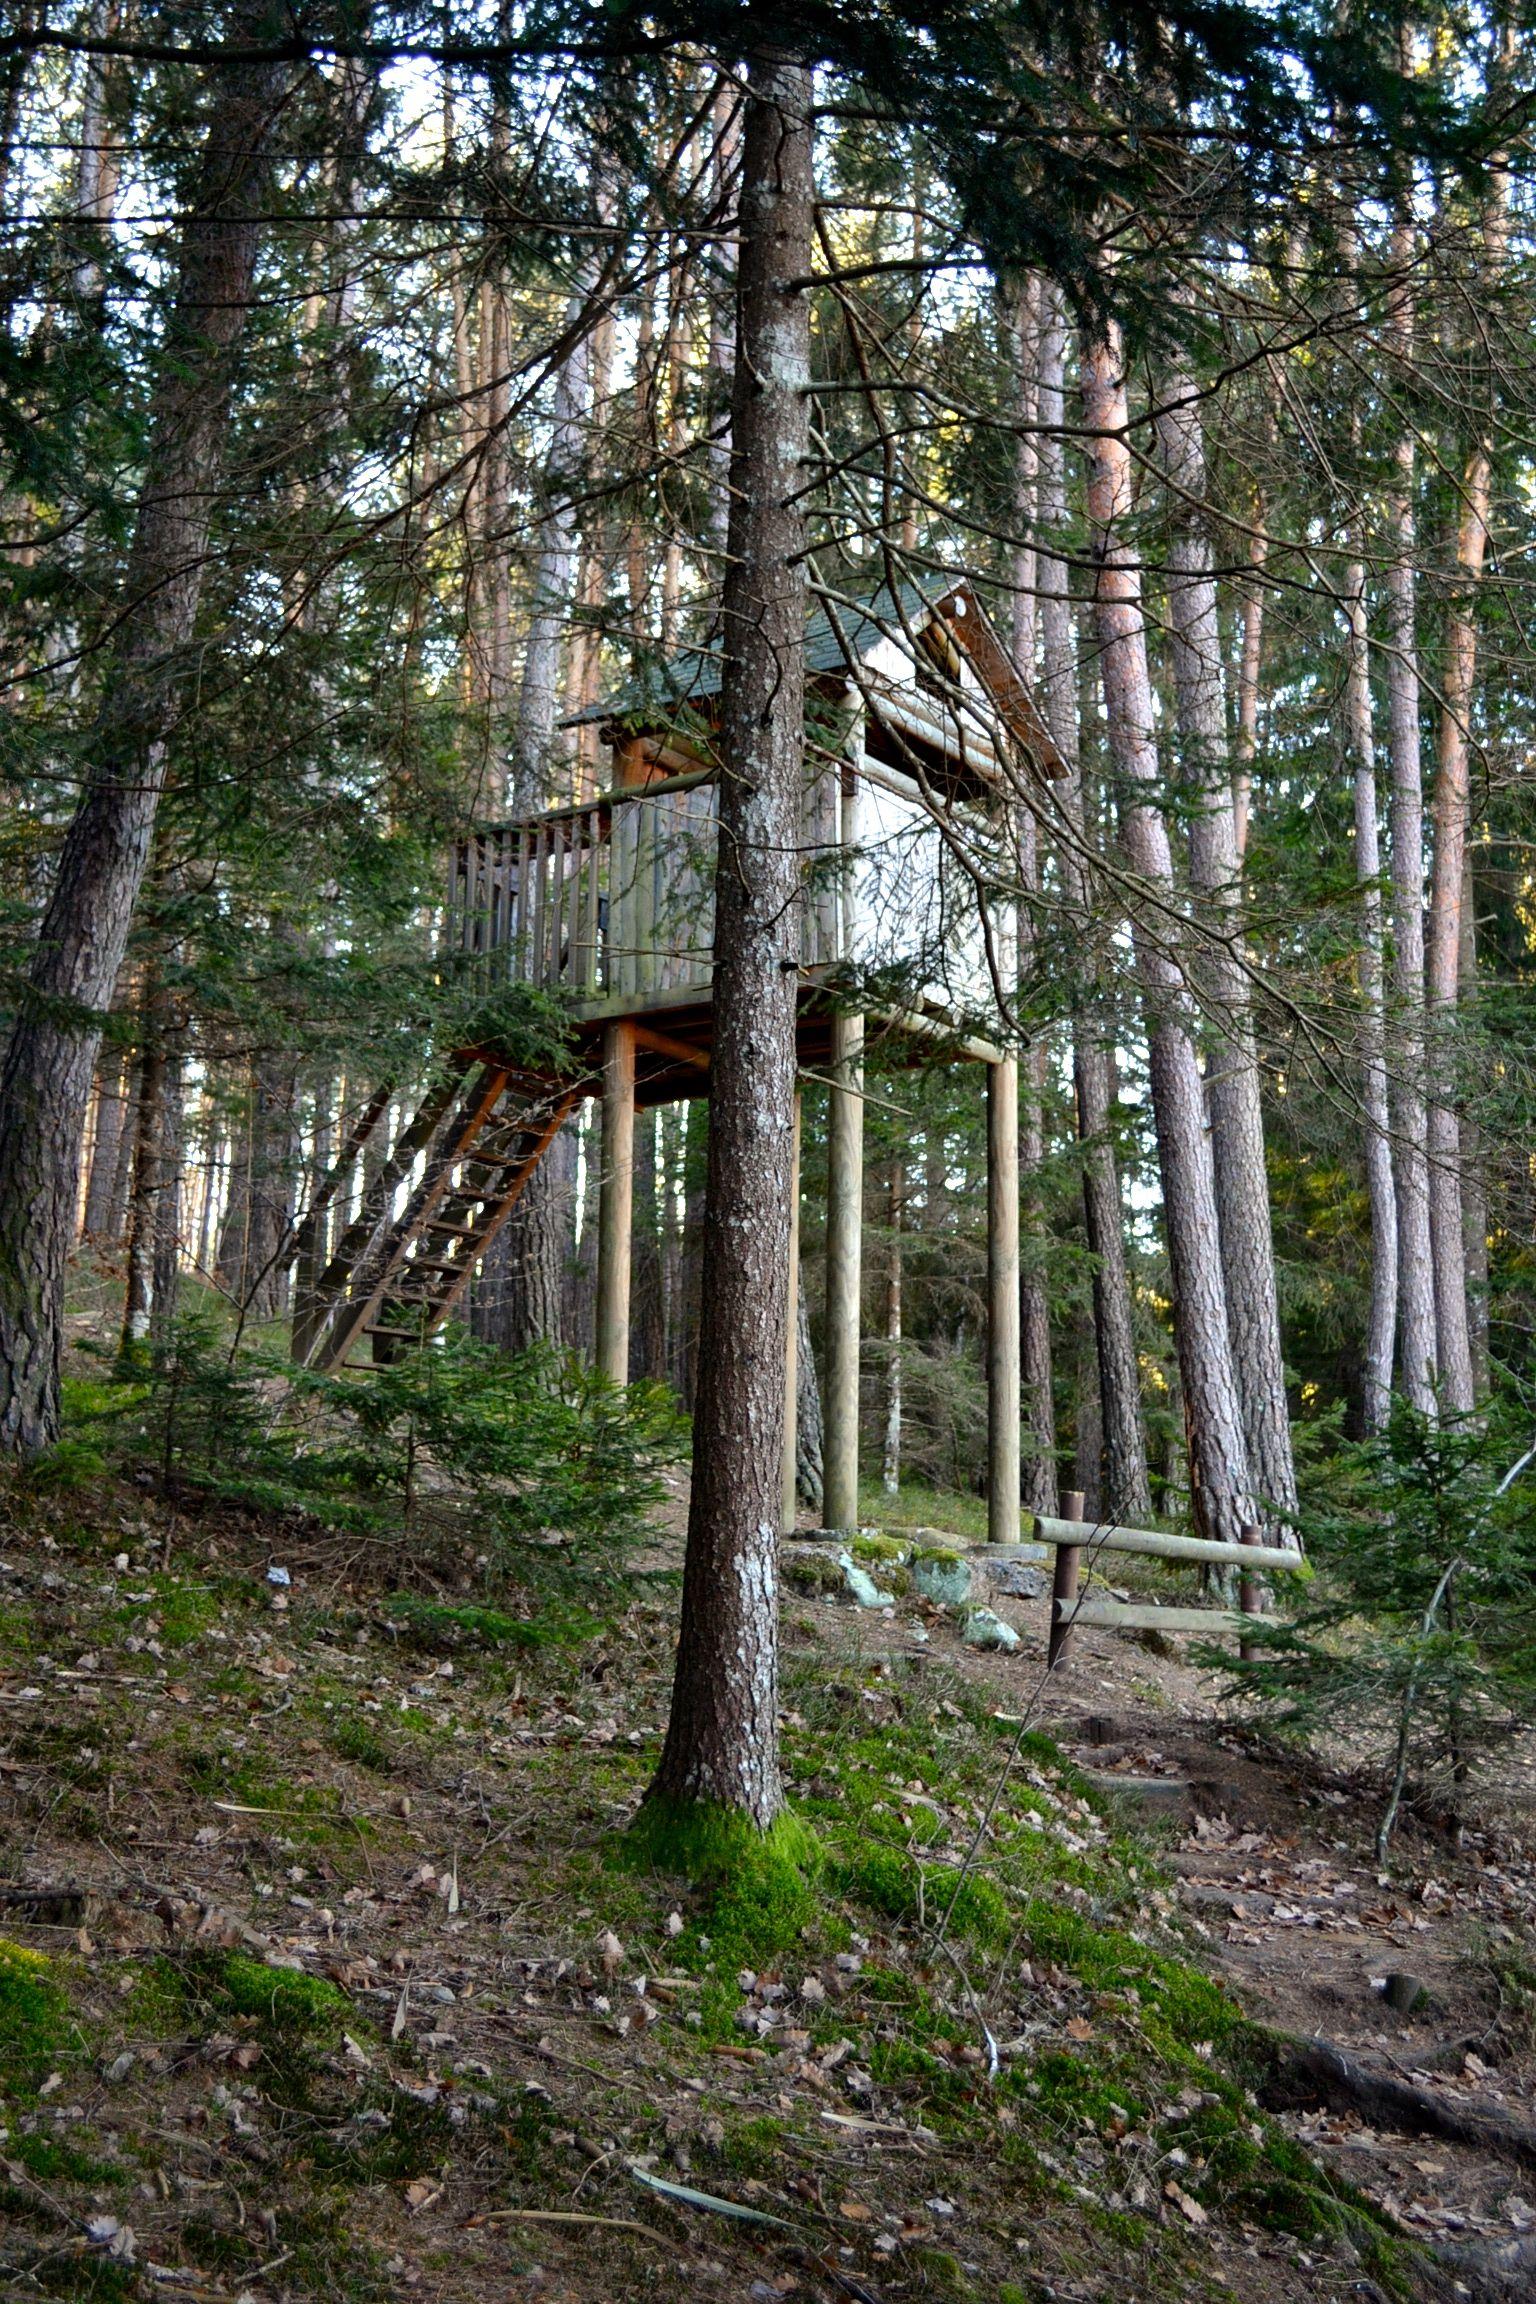 Baselga di pin for 6000 piedi quadrati a casa